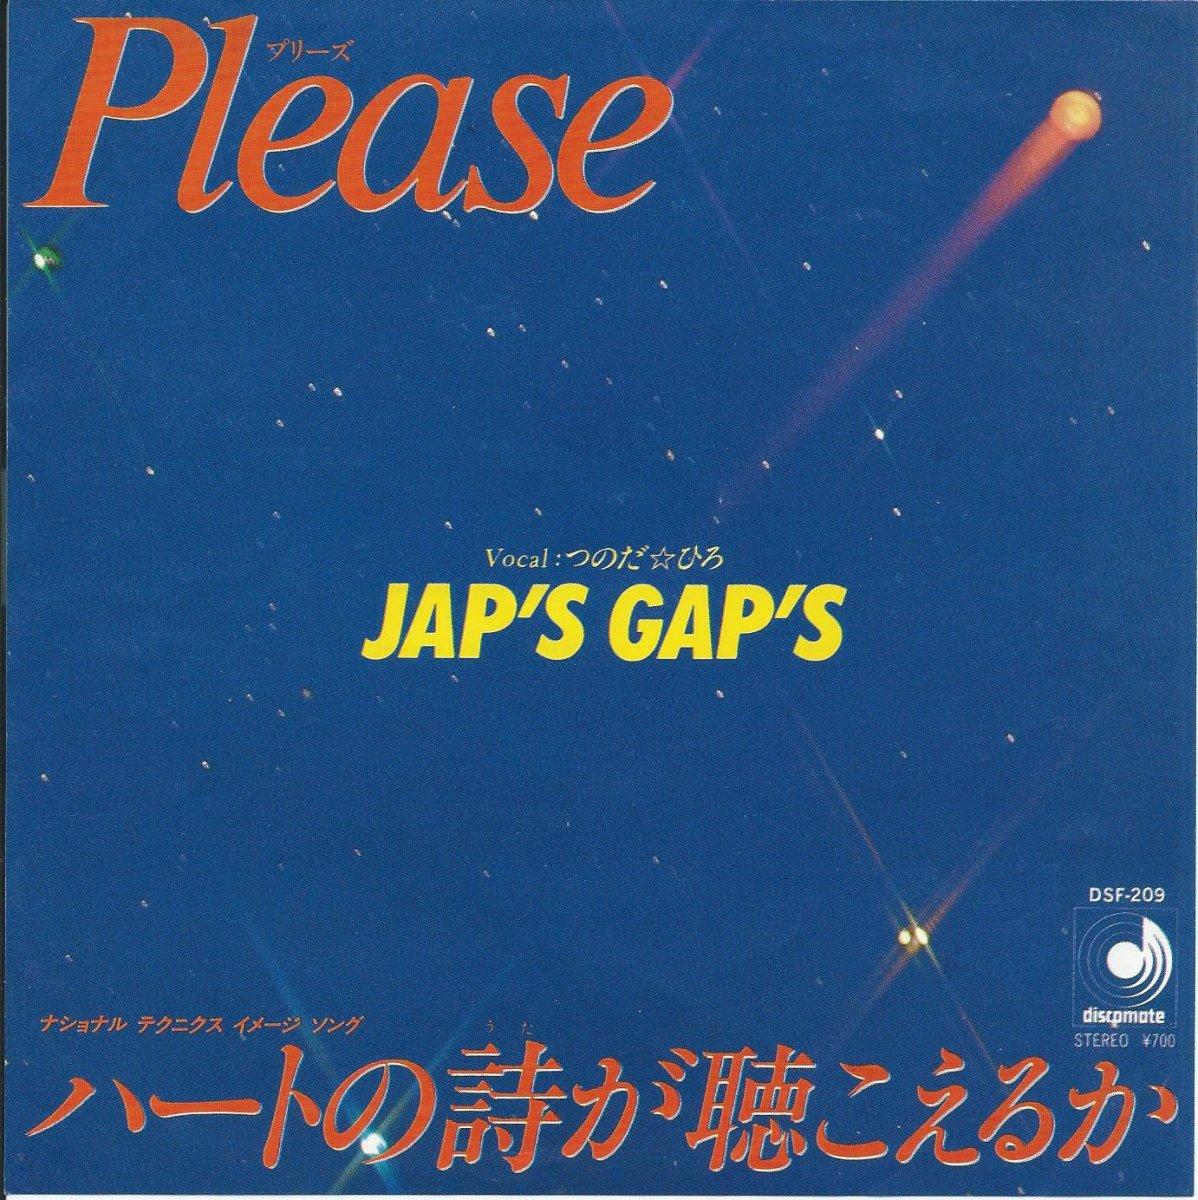 JAP'S GAP'S (ジャップス・ギャップス / つのだ☆ひろ) / プリーズ PLEASE / ハートの詩が聴こえるか (7